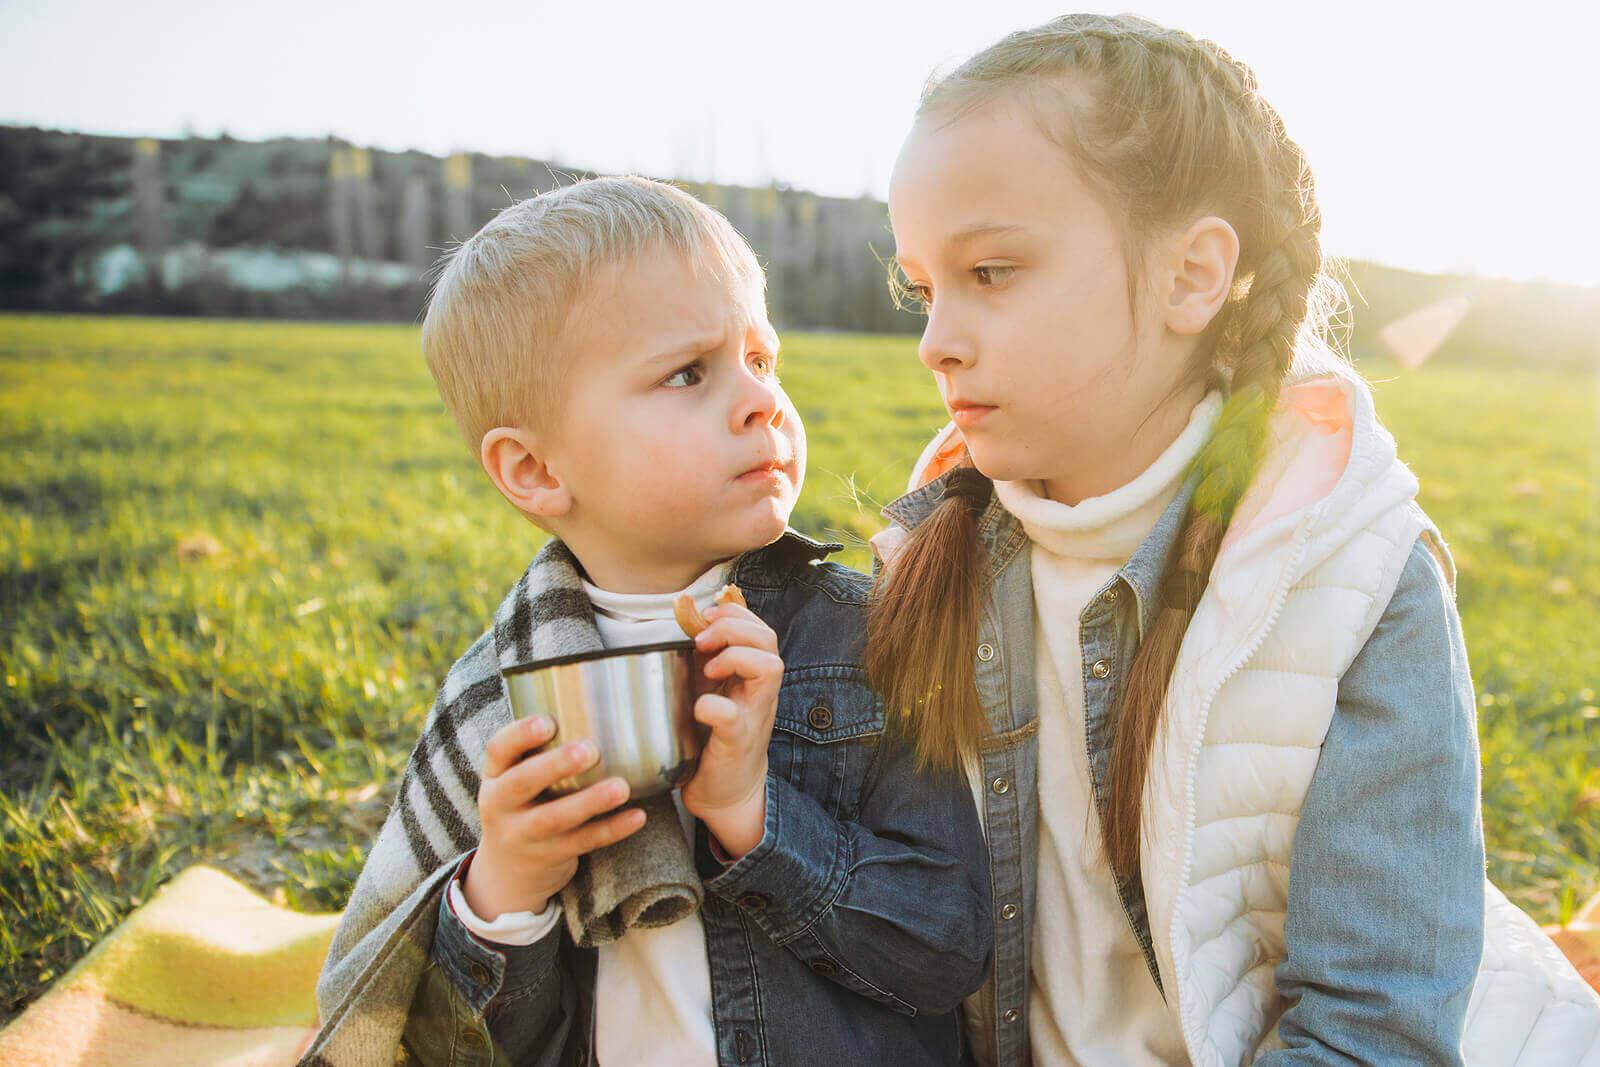 Kokeile näitä kurinpitomenetelmiä, jos sisarukset riitelevät usein